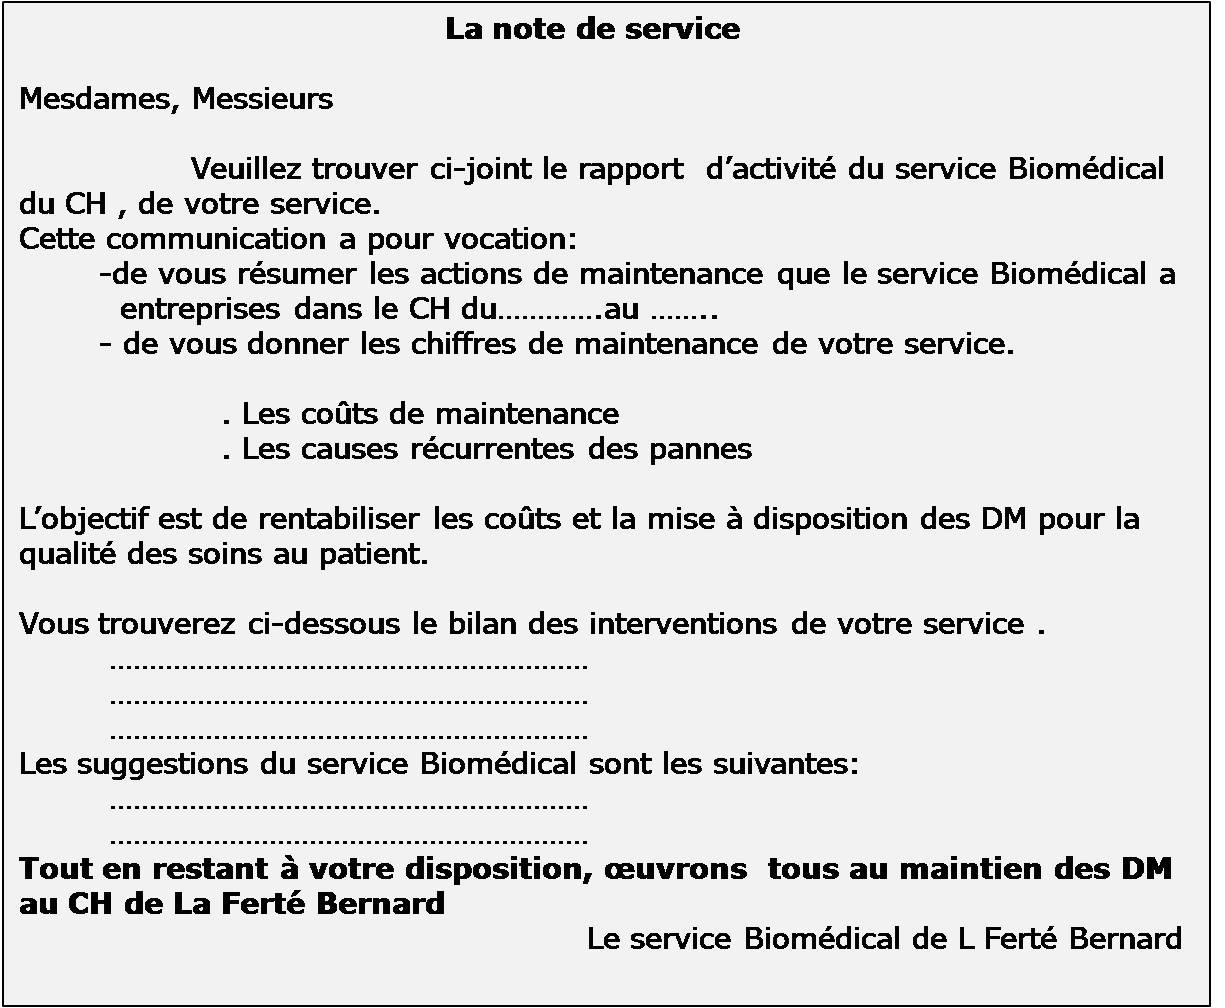 Note de service vehicule professionnel